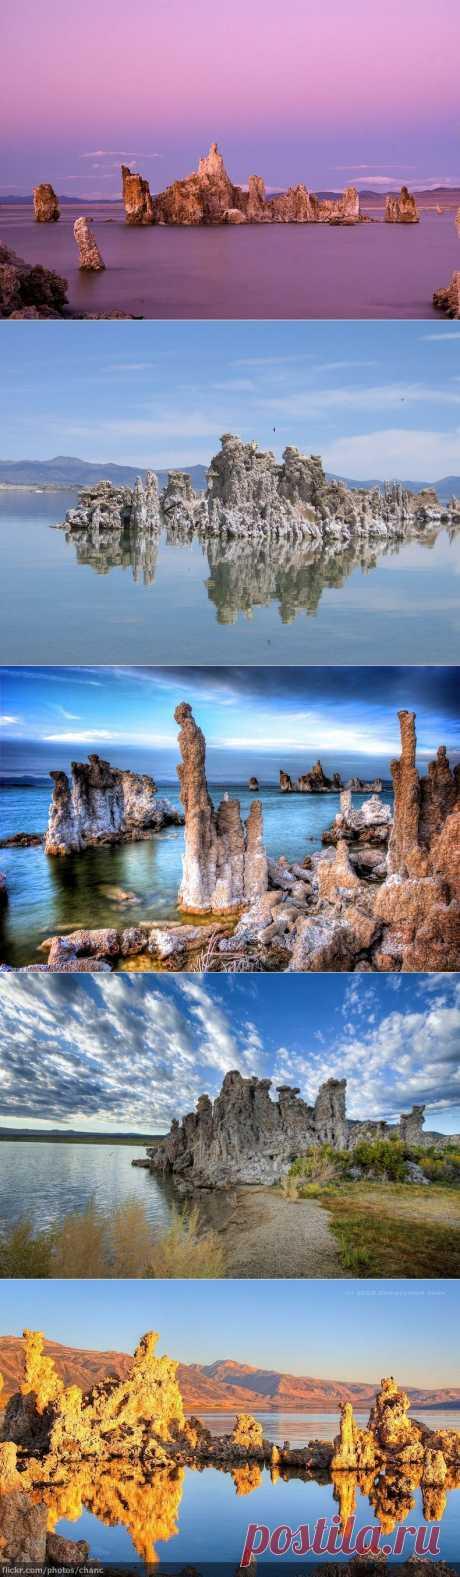 Las torres mágicas del lago Mono: las NOVEDADES En las FOTOGRAFÍAS